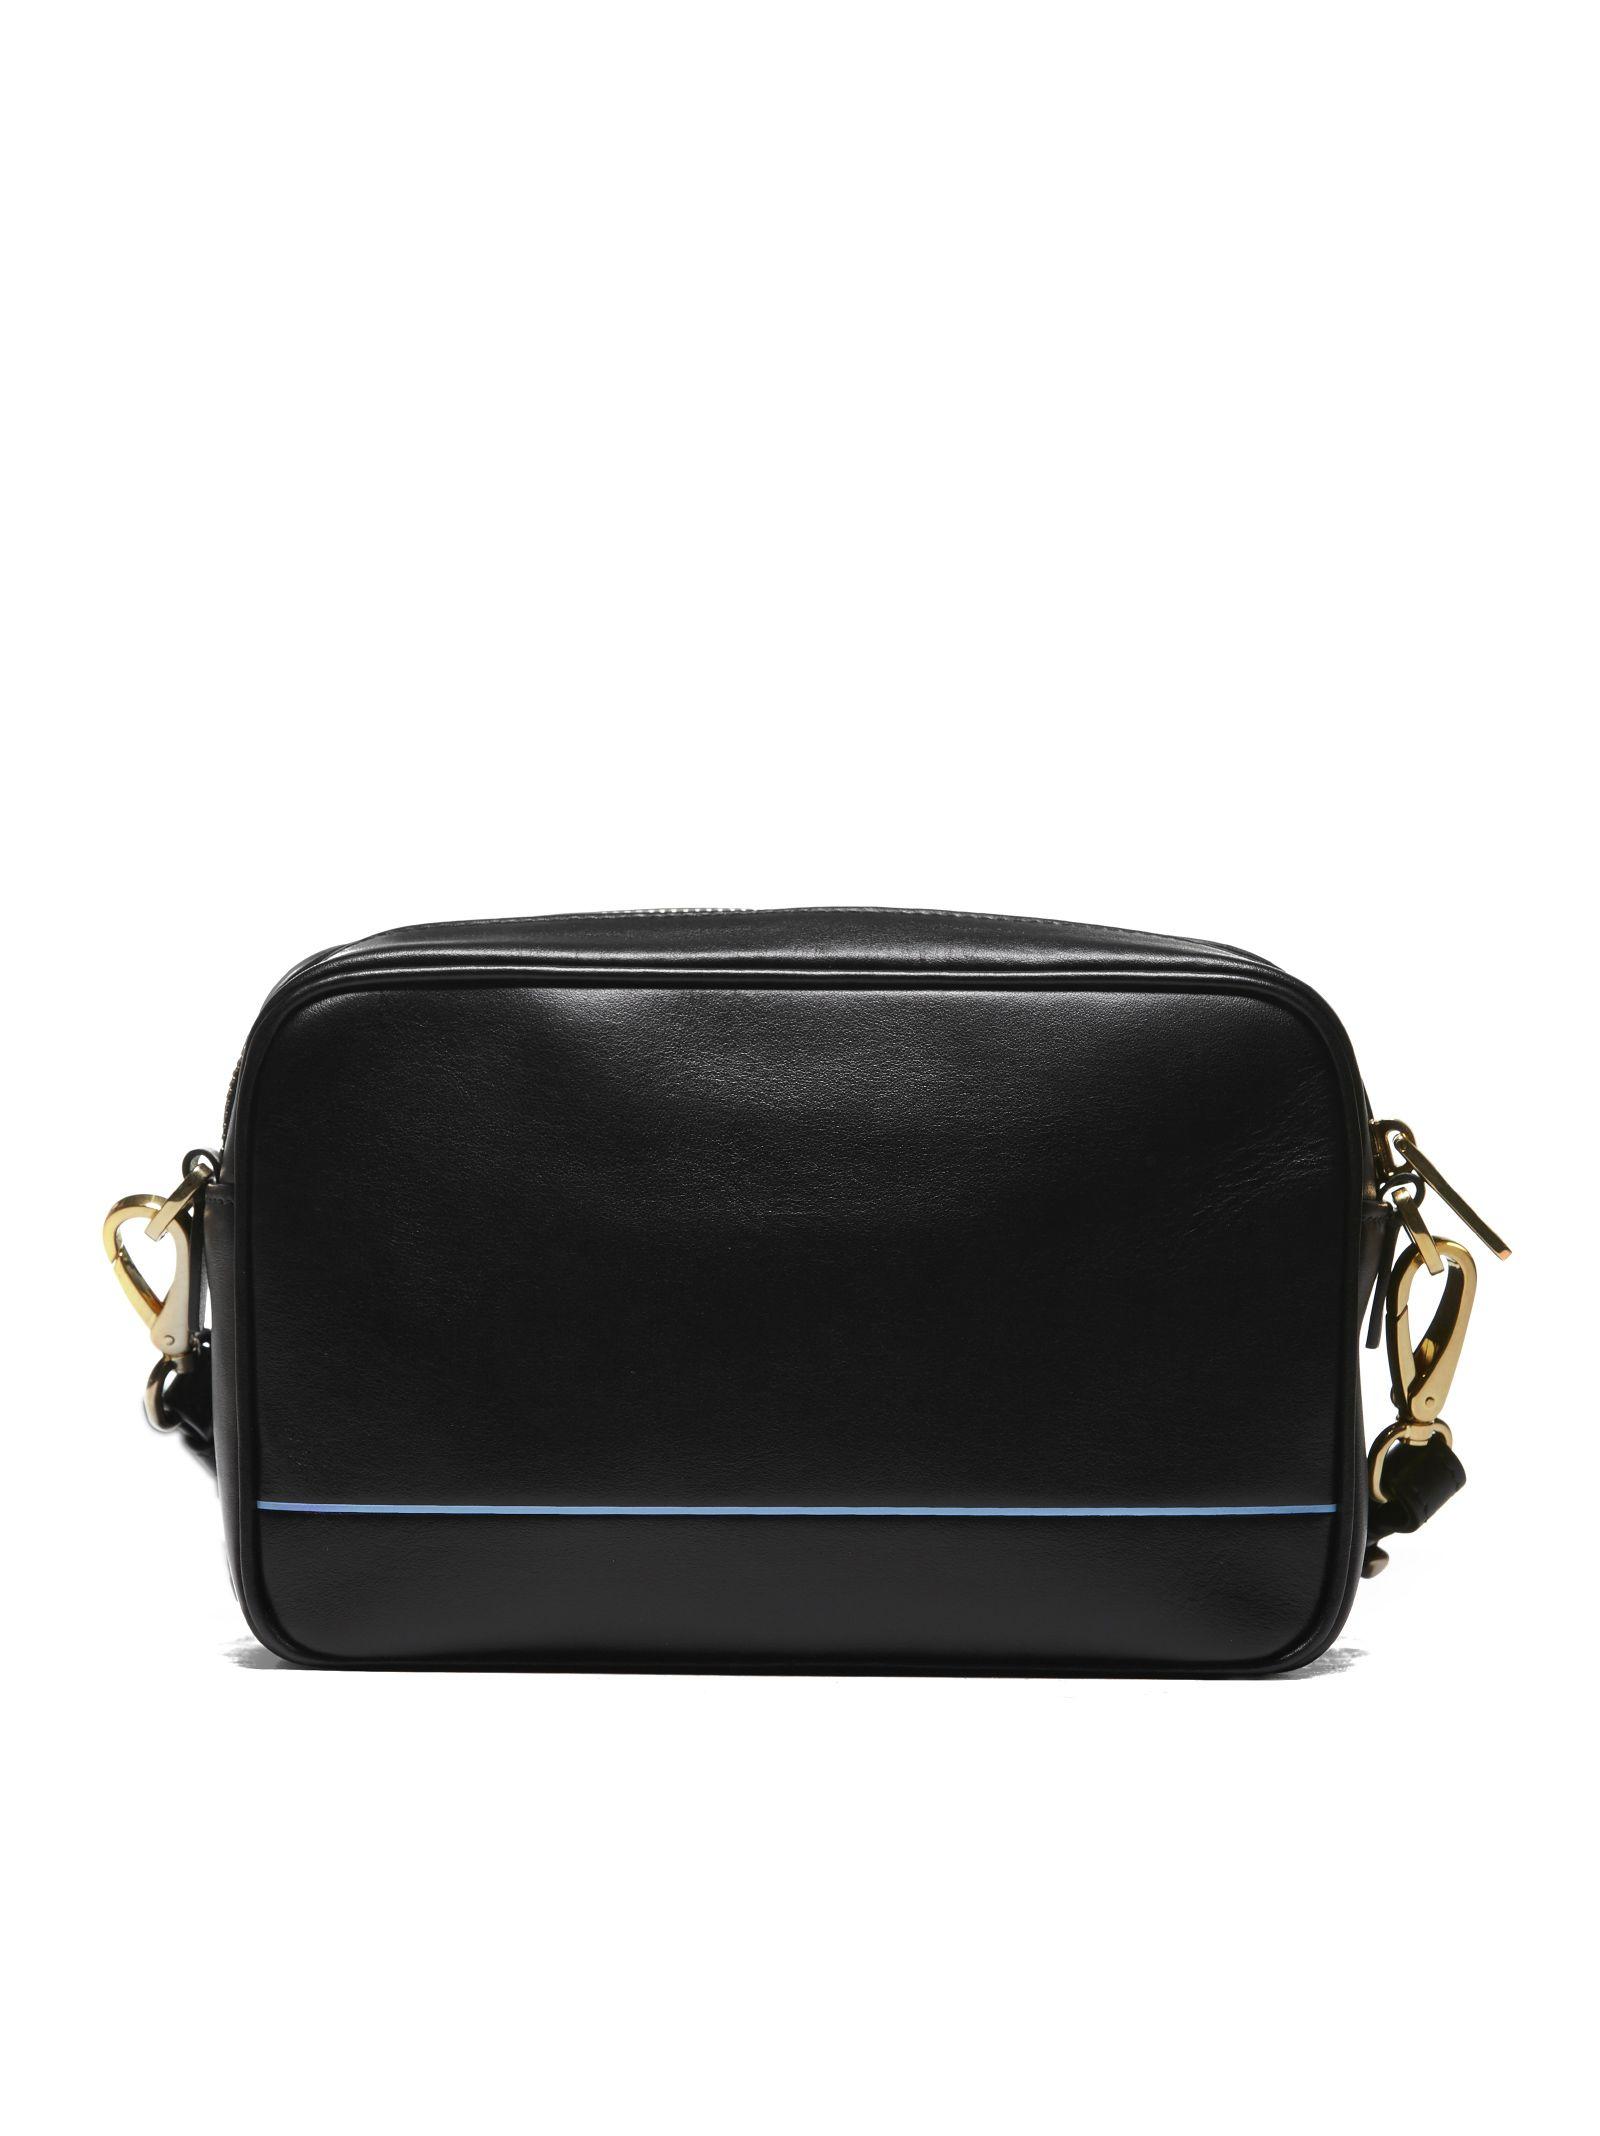 ac12580e477fb9 Prada Mirage Shoulder Bag - Black Prada Mirage Shoulder Bag - Black ...